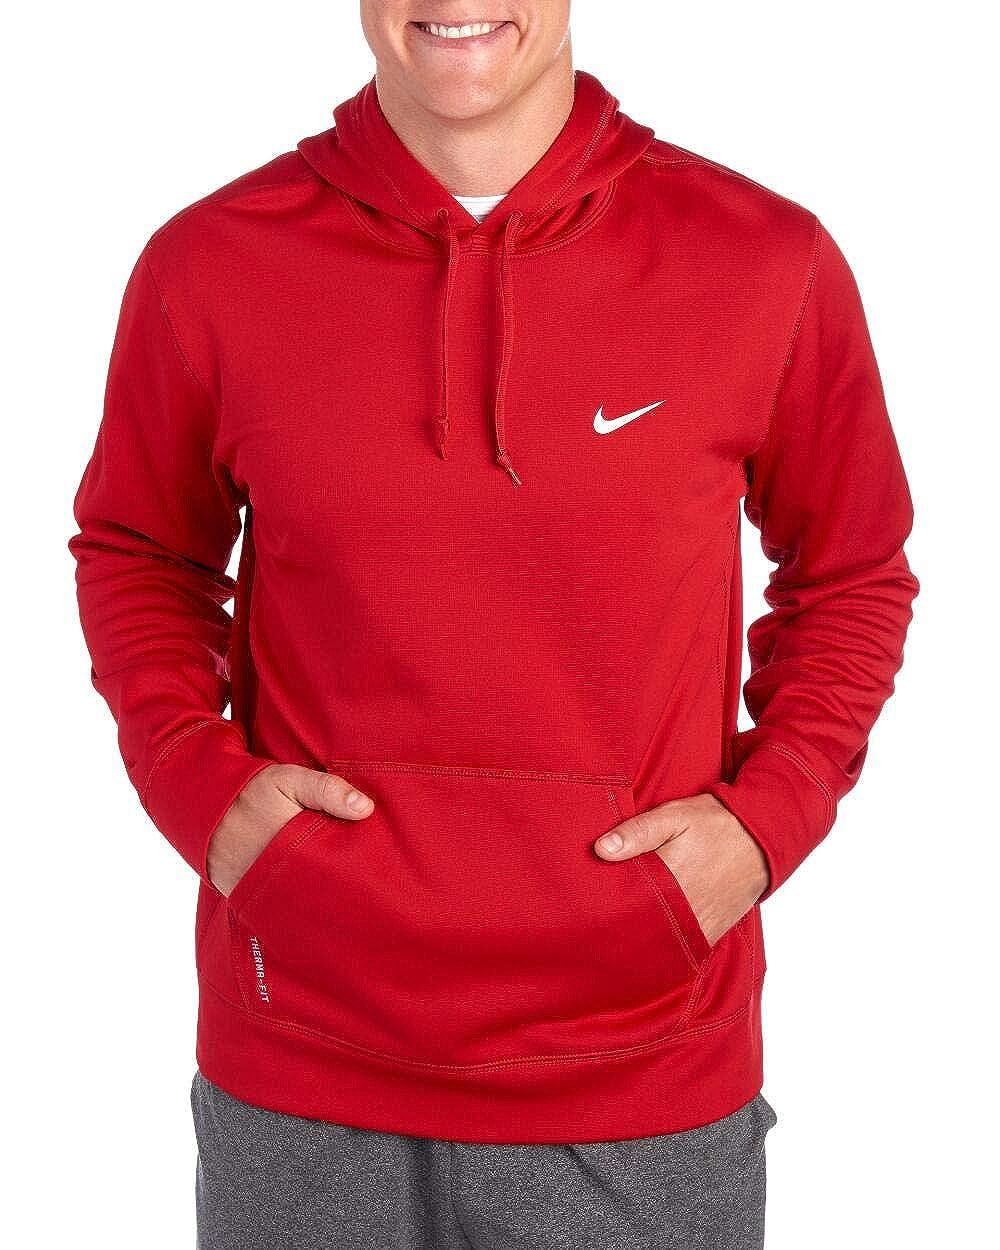 538c7cb4f Amazon.com: Nike Mens Club Pull Over Hooded Sweatshirt: NIKE: Clothing